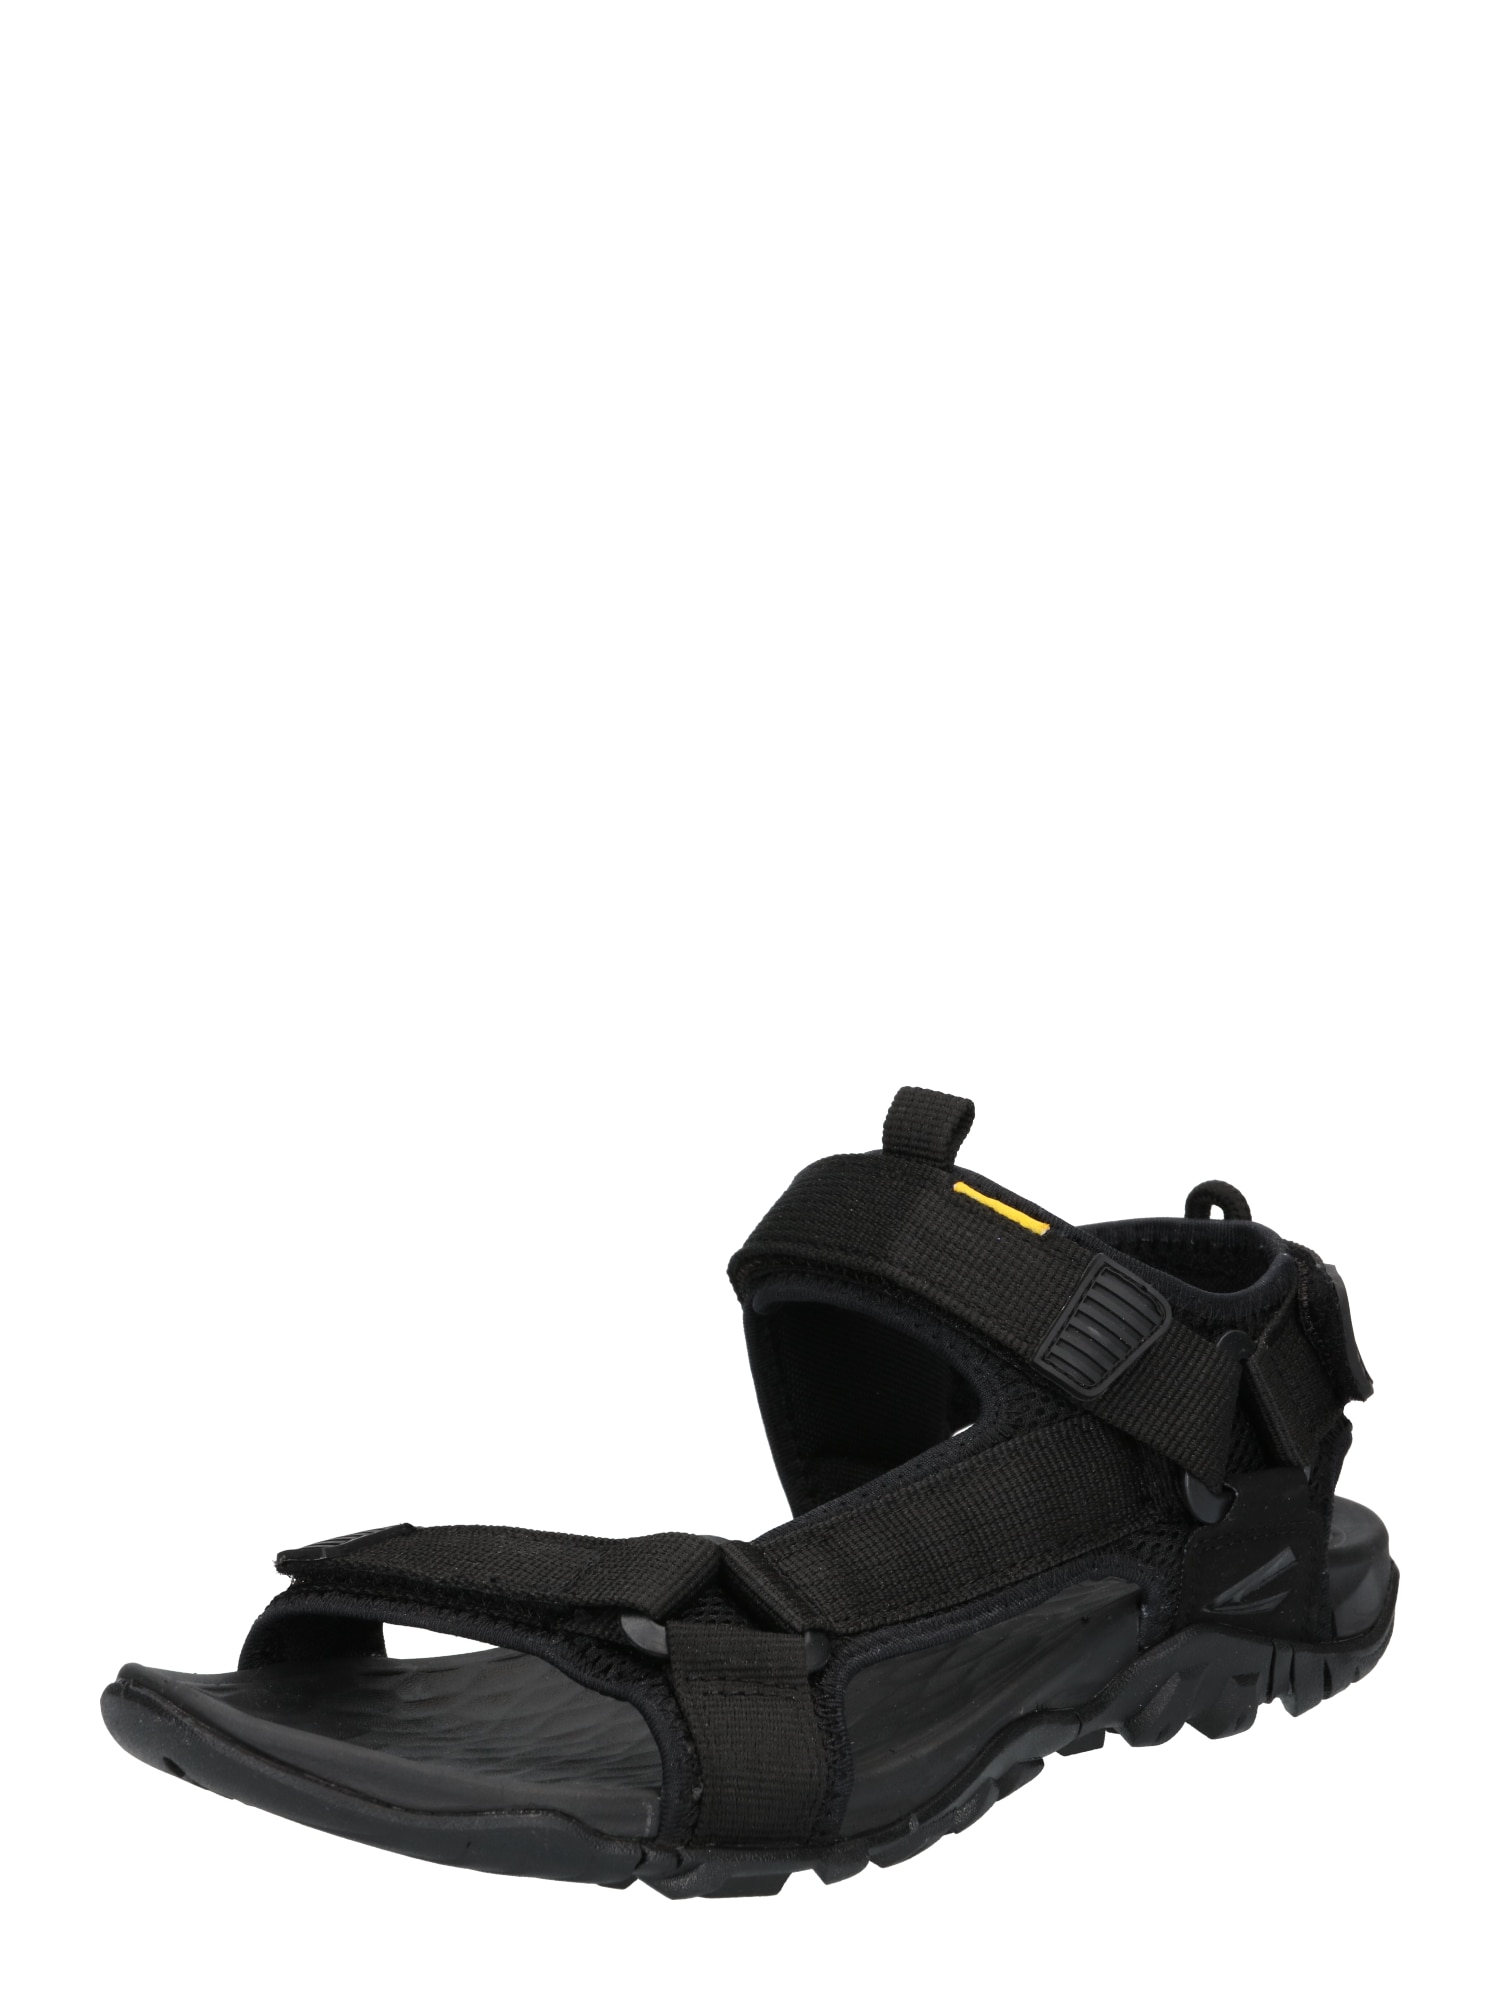 CAMEL ACTIVE Sportinio tipo sandalai juoda / geltona